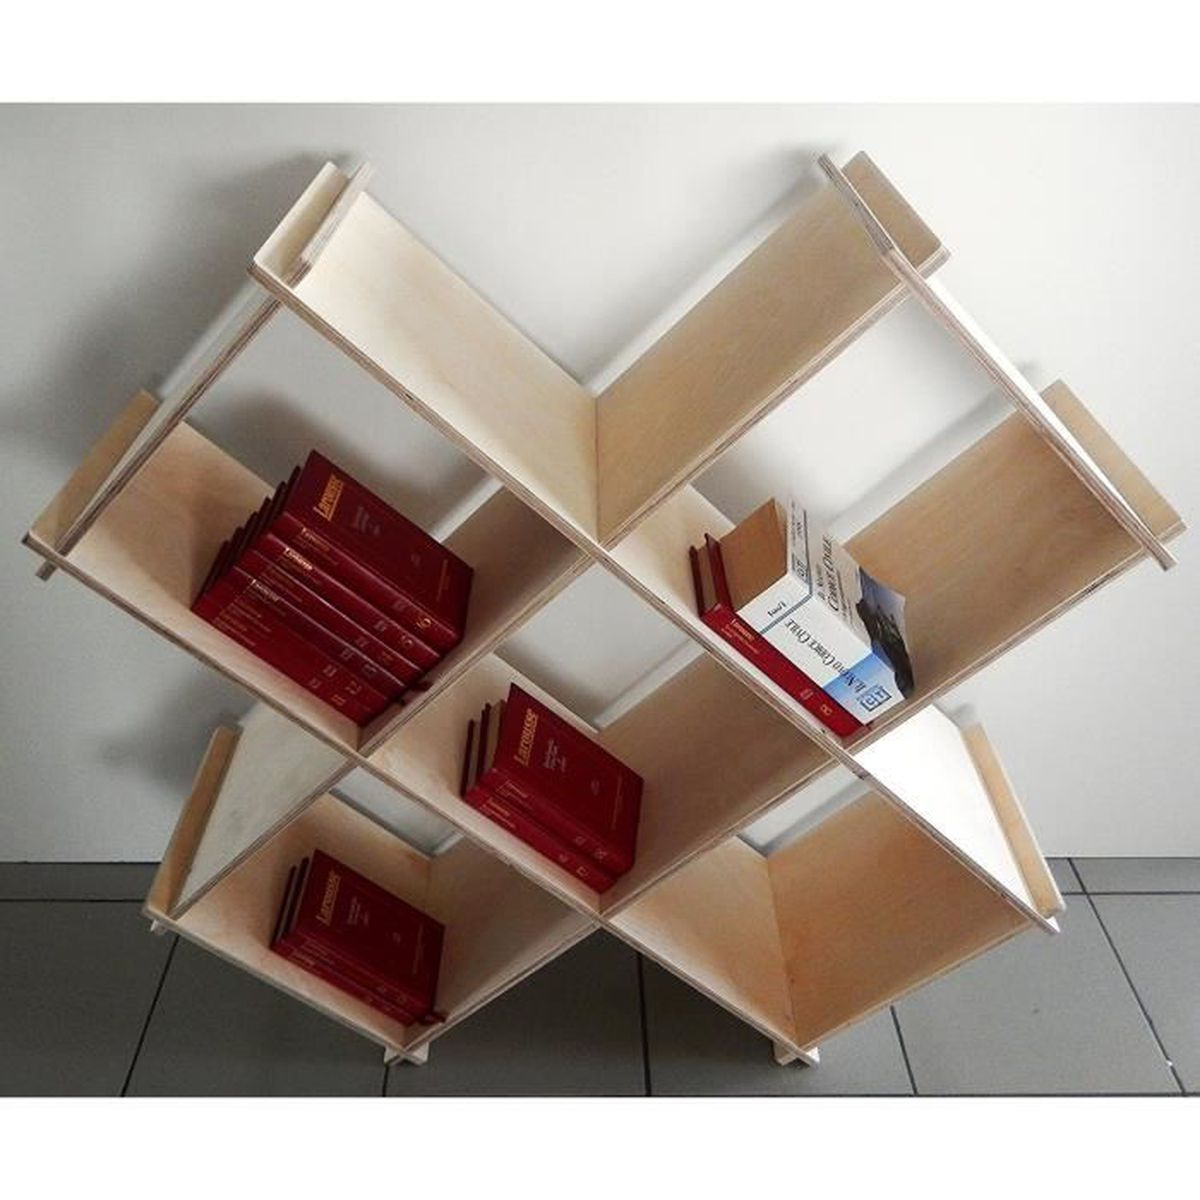 biblioth que pr sentoir en multicouche de bouleau achat vente meuble classement biblioth que. Black Bedroom Furniture Sets. Home Design Ideas